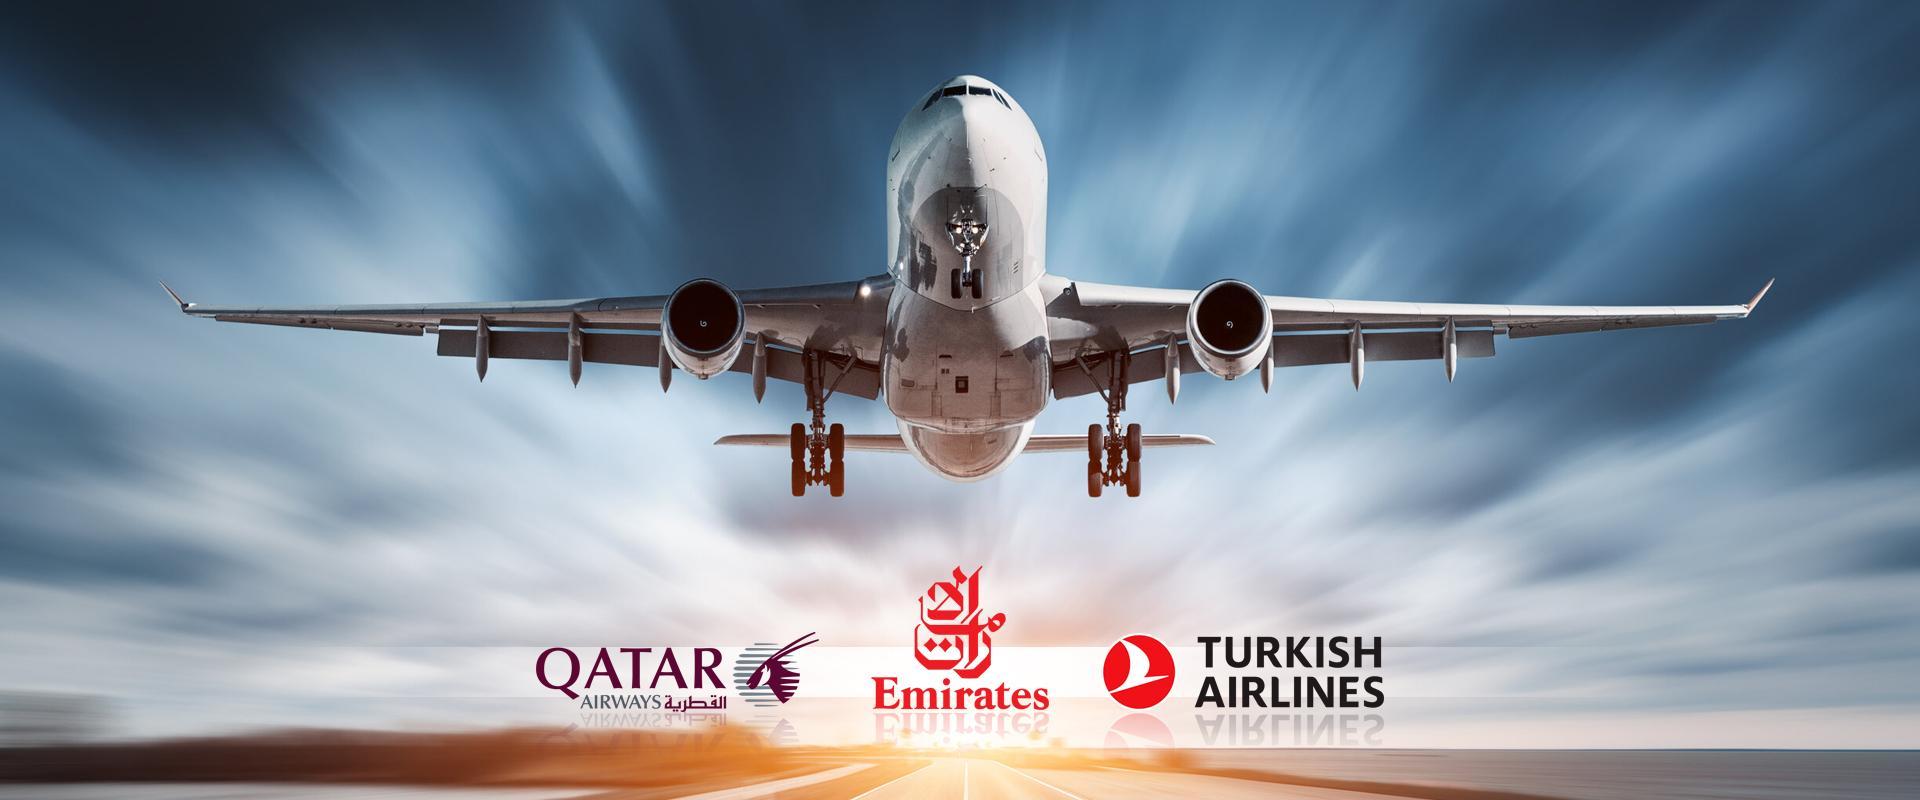 فروش هواپیمایی های قطر ایرویز ترکیش ایرلاین امارات ایرلاین